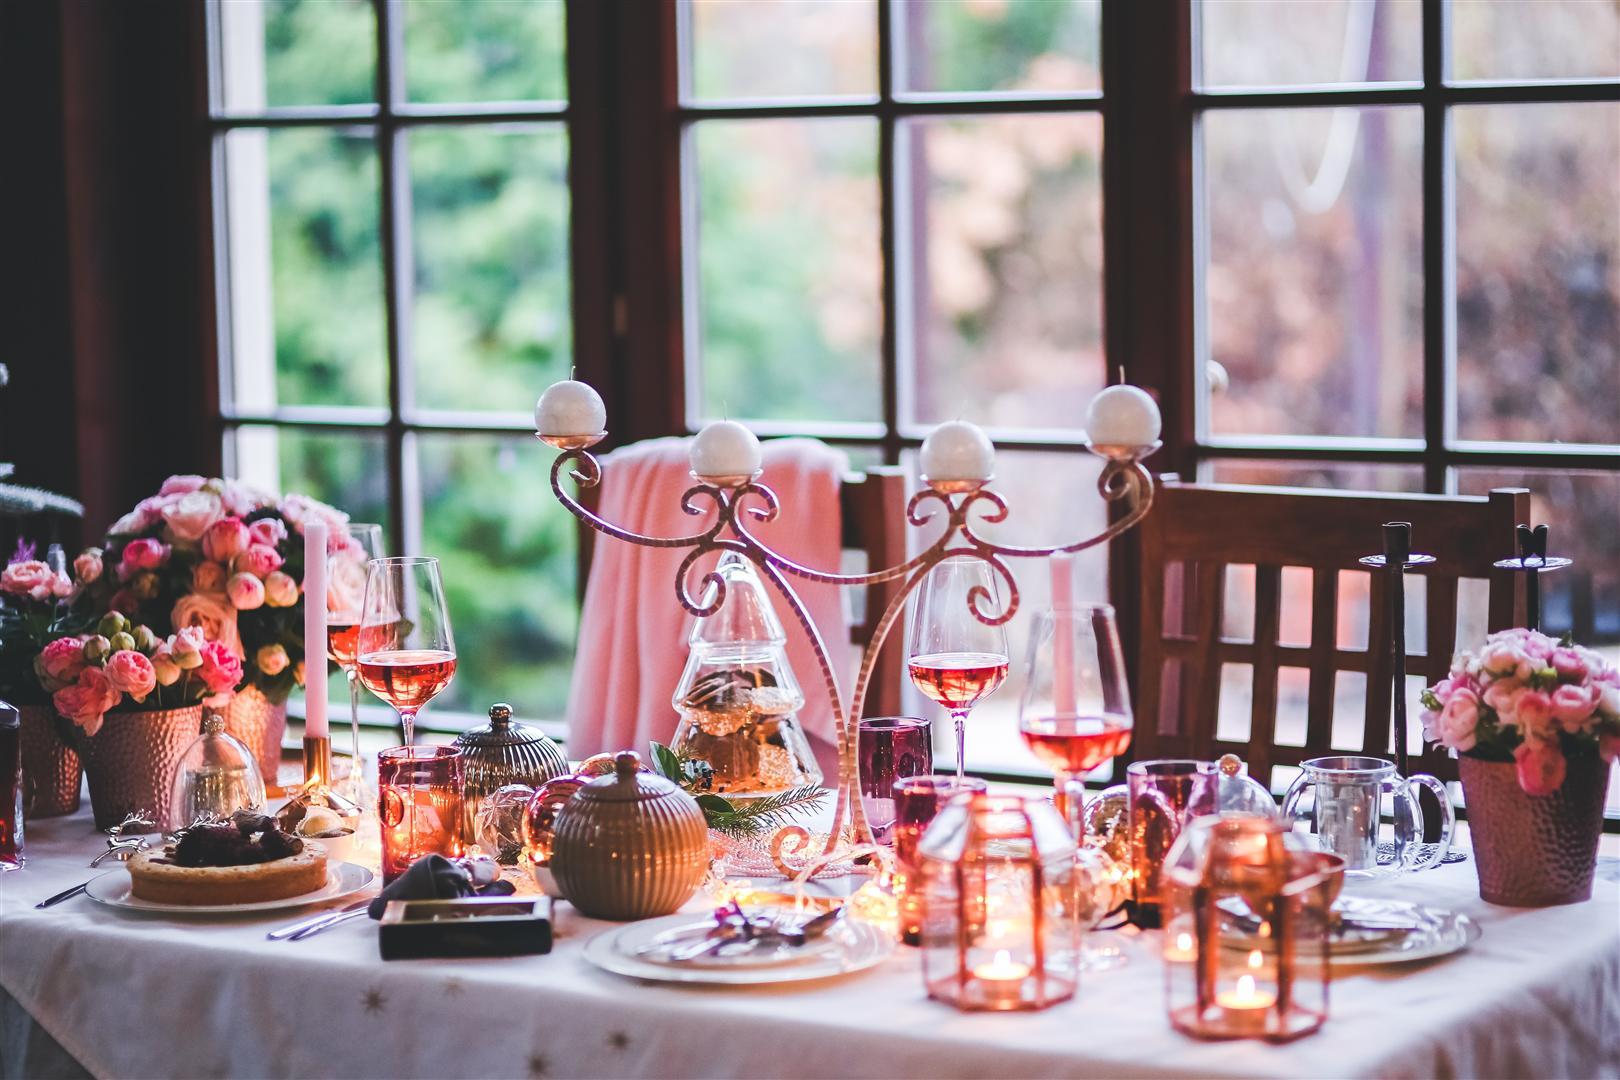 #MyChristmas – Tips for Christmas Table Décor